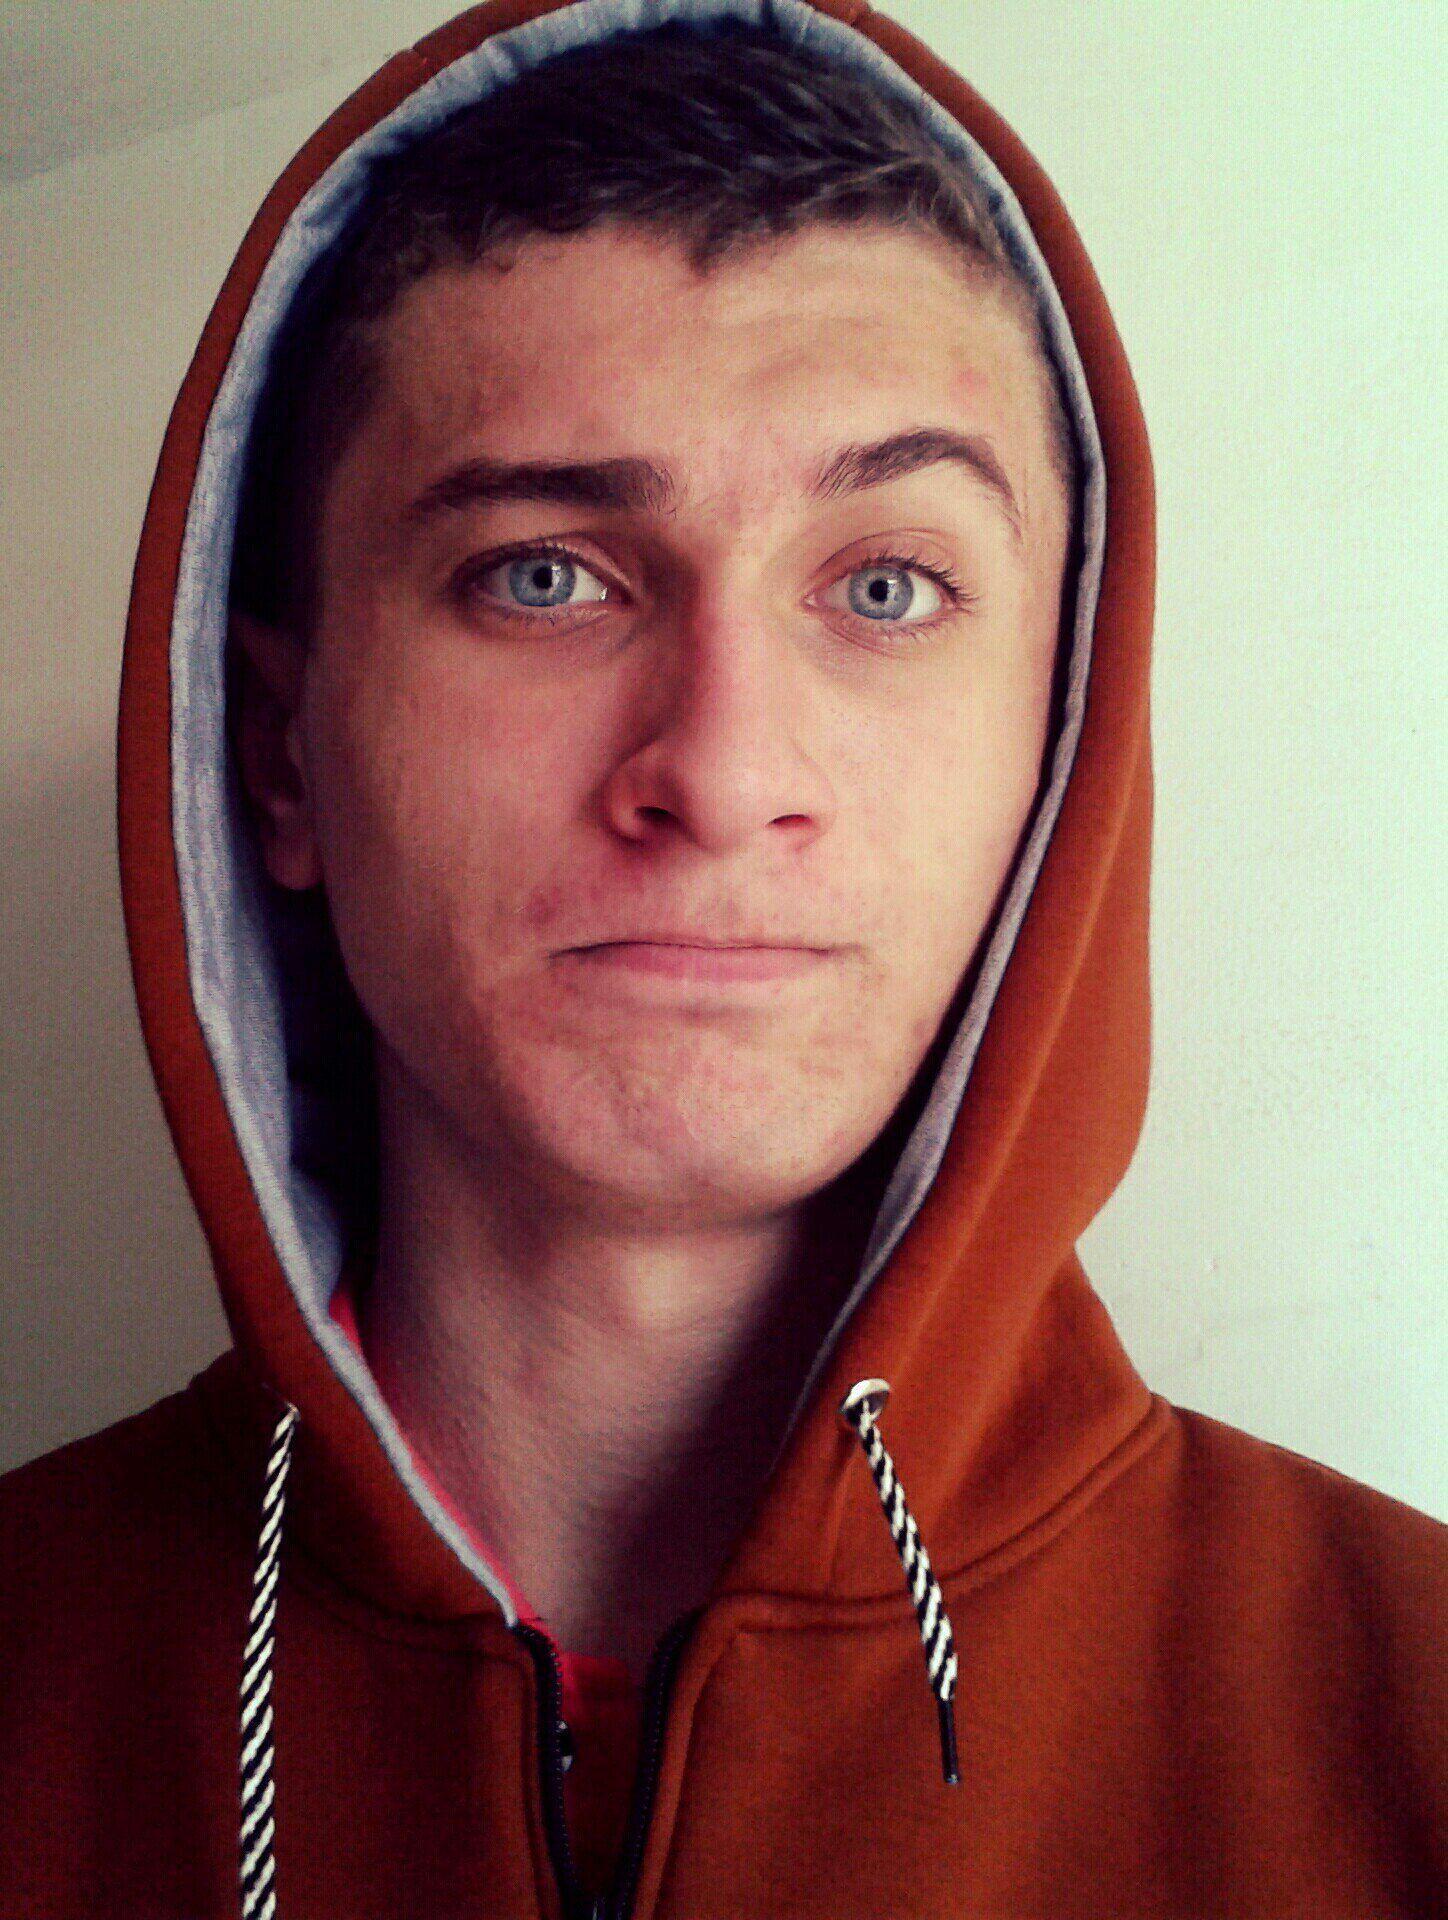 Фото мальчика 19 лет на аву в вк для